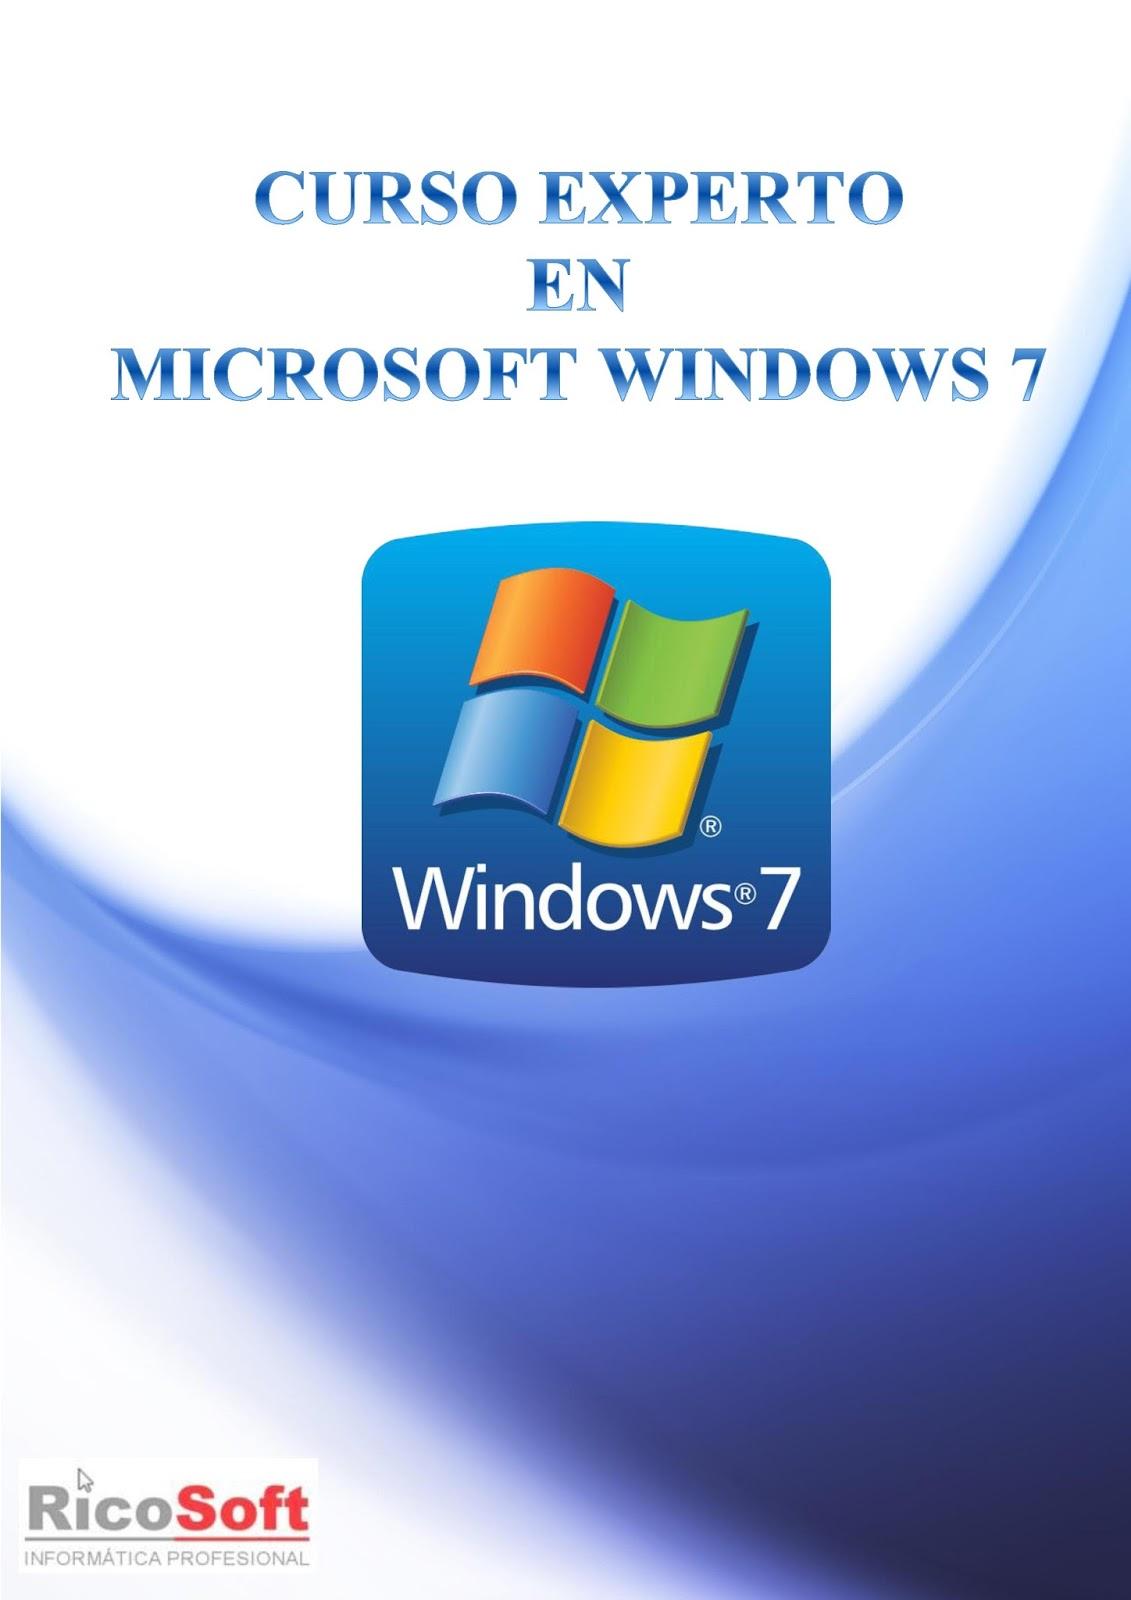 Curso experto en Microsoft Windows 7